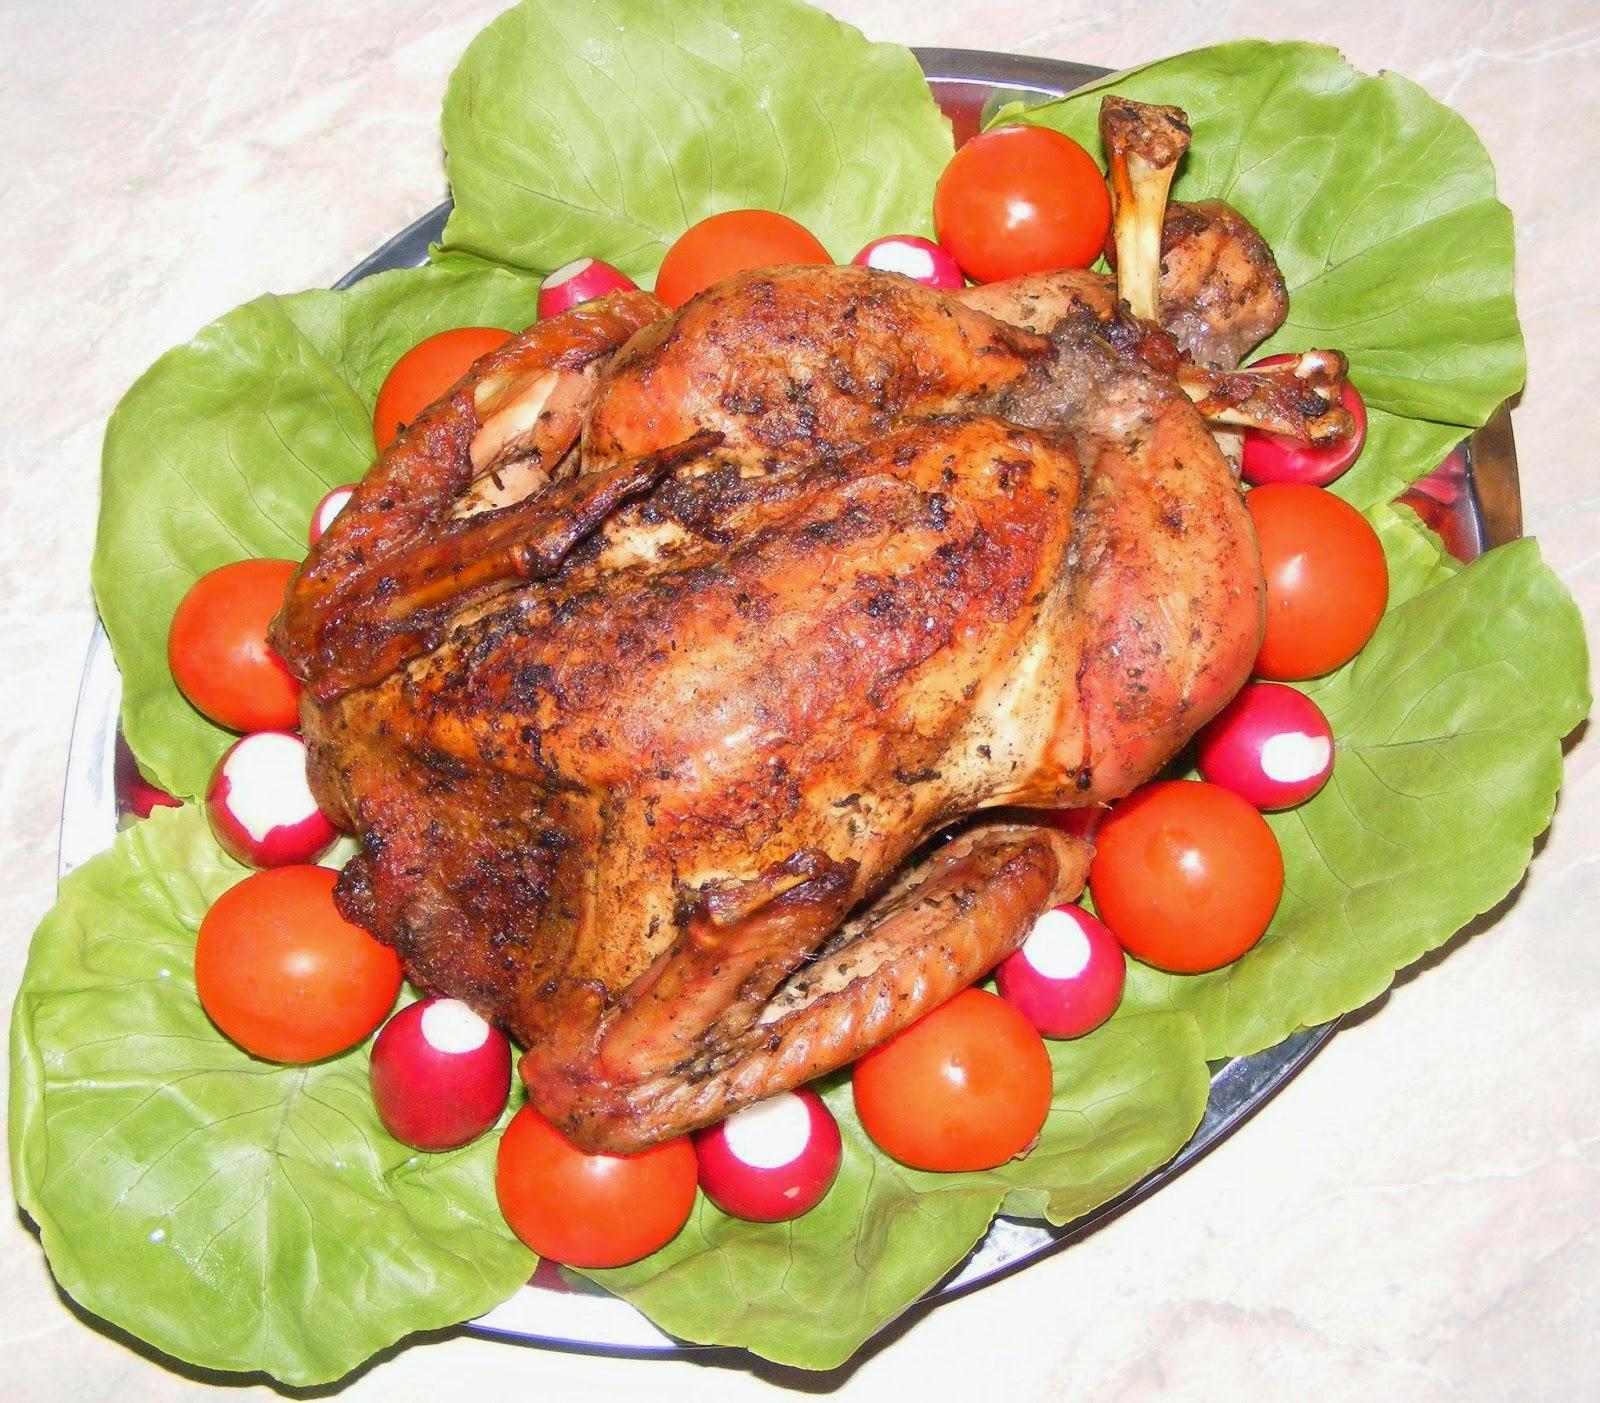 curcan la cuptor, friptura de curcan, curcan umplut, curcan cu legume, retete cu curcan, retete de craciun, retete de paste, retete si preparate culinare cu carne de curcan, retete pentru mese festive, retete de mancare, mancaruri cu carne, preparate din curcan,